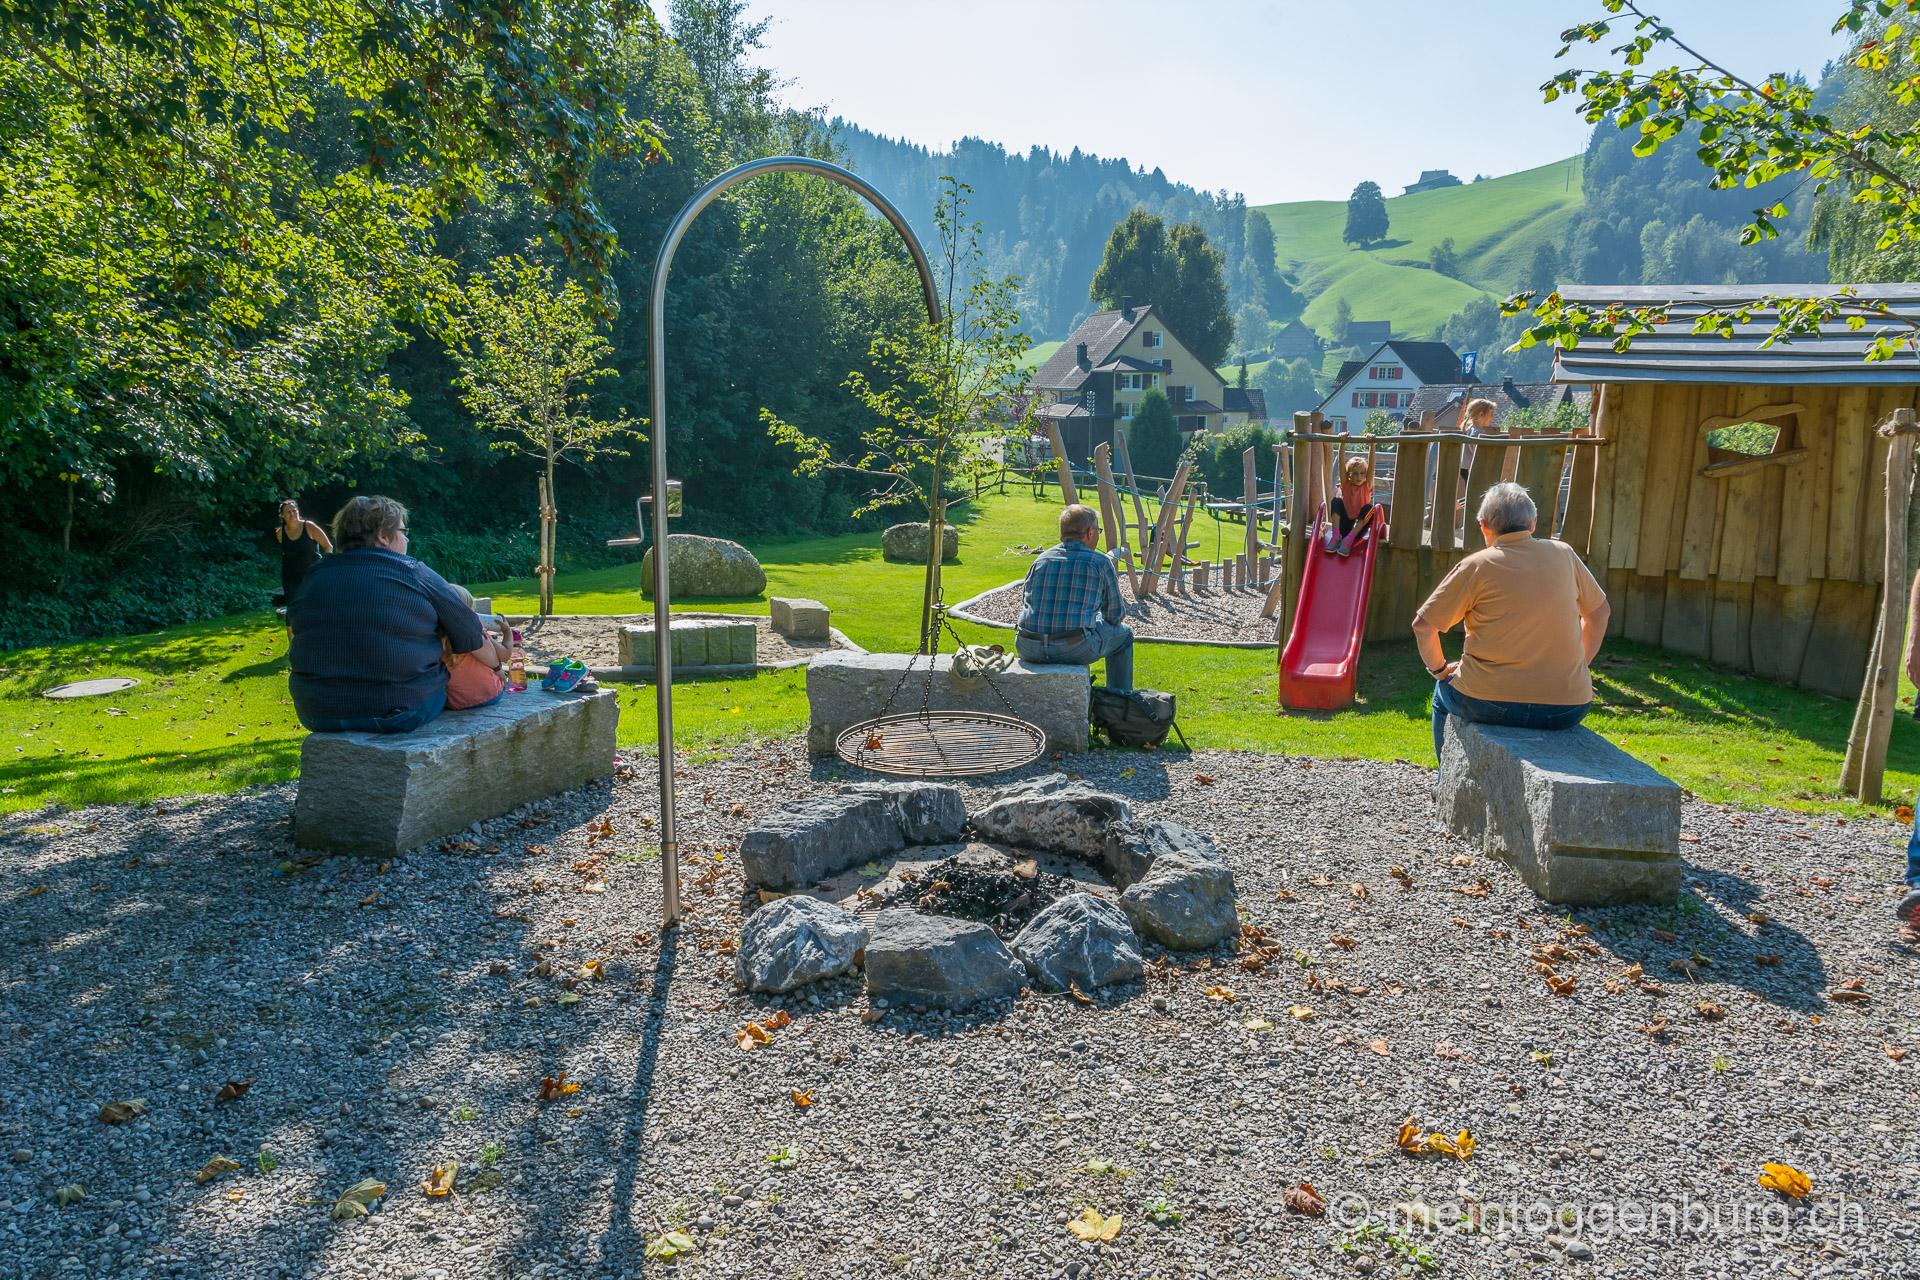 Grillplatz Schule St. Peterzell